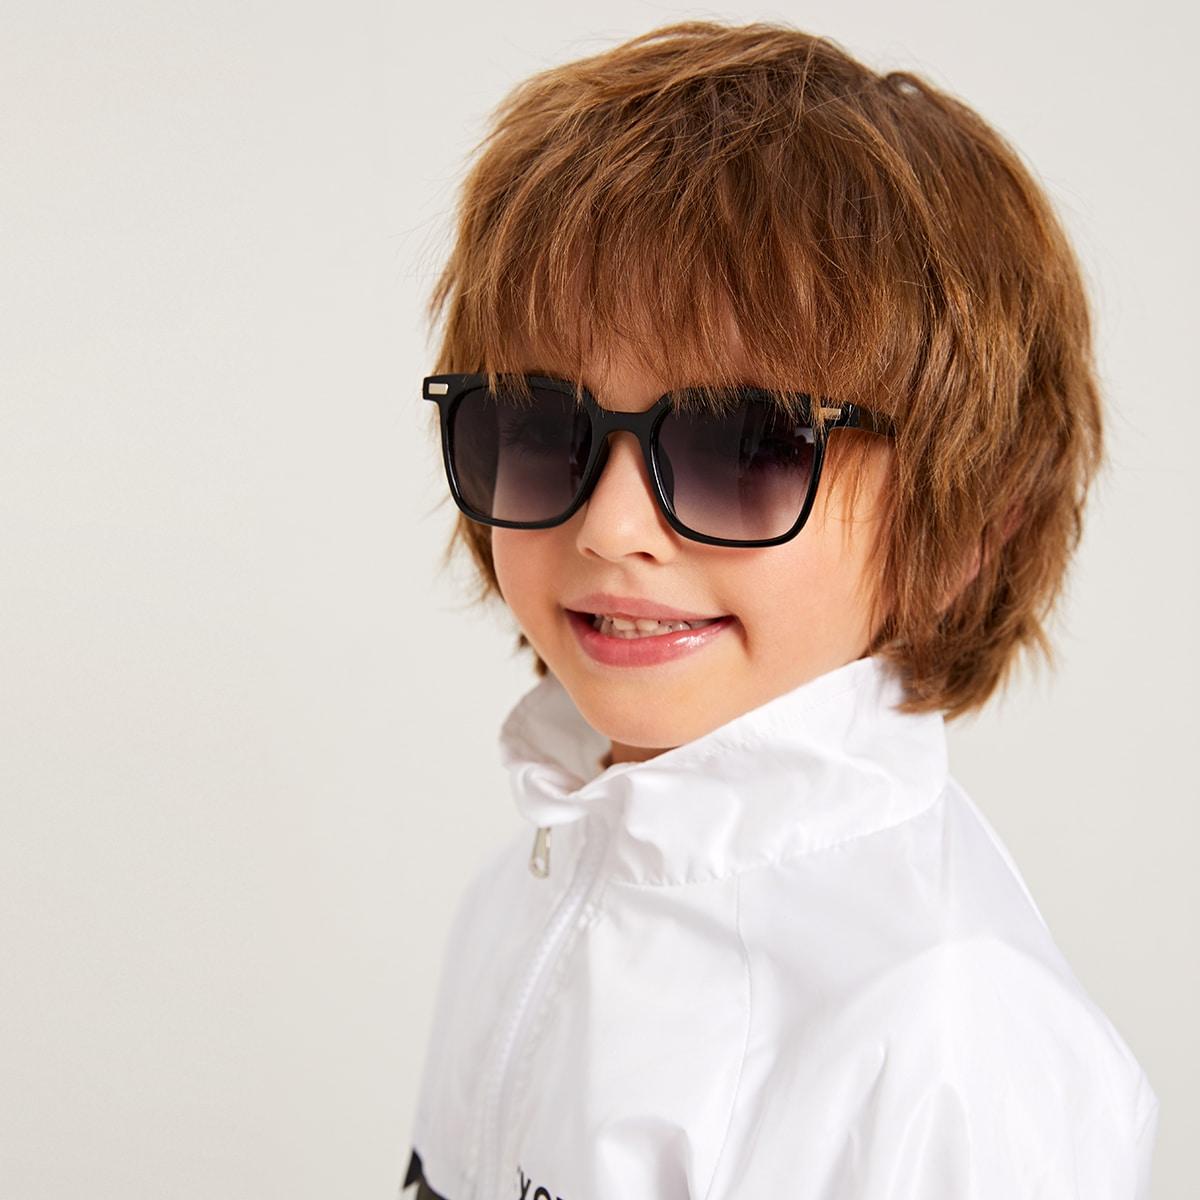 Детские солнечные очки с заклепками